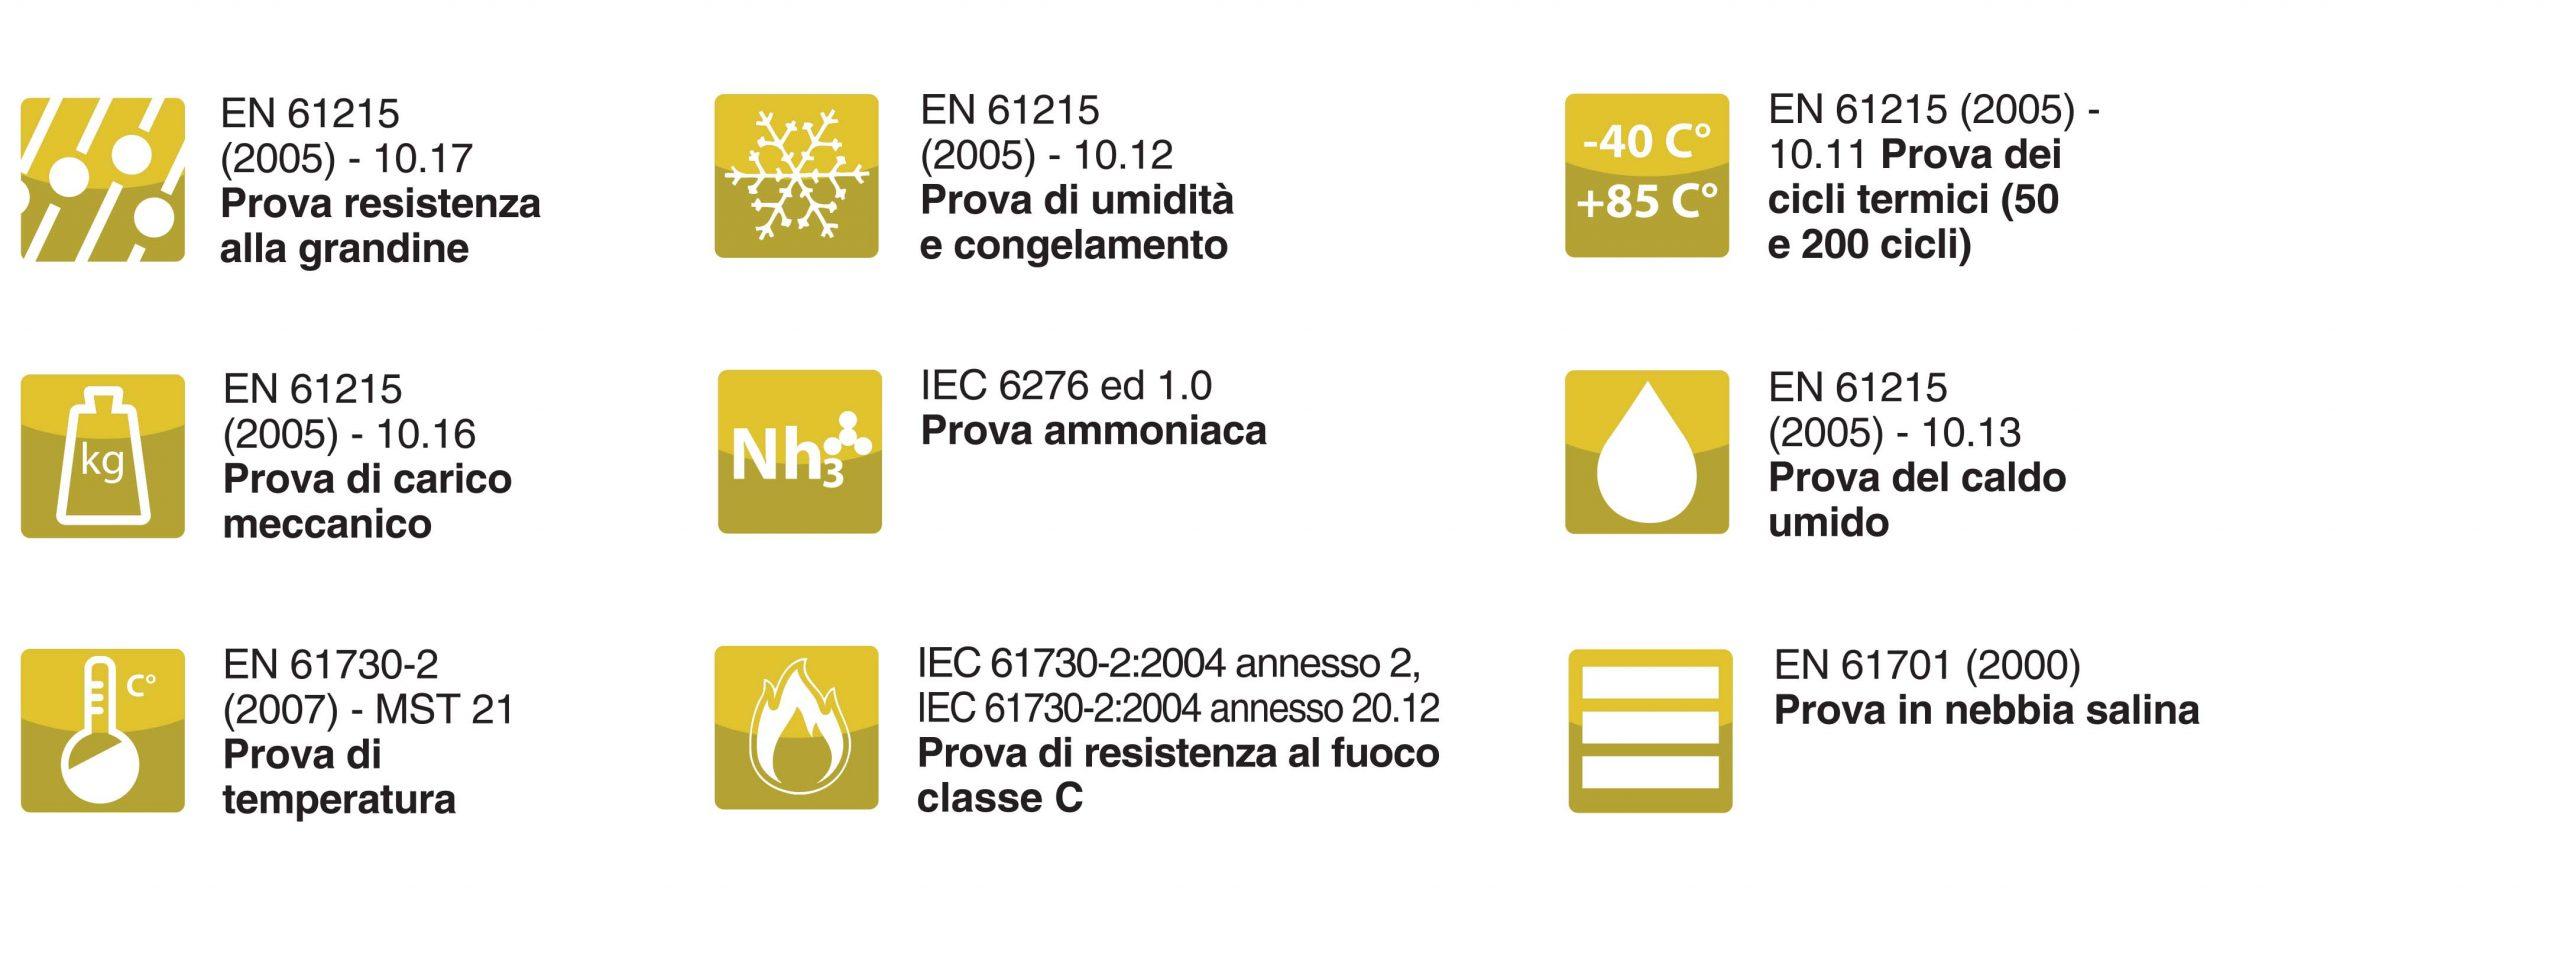 domovip_energie_fotovoltaico_certificazioni